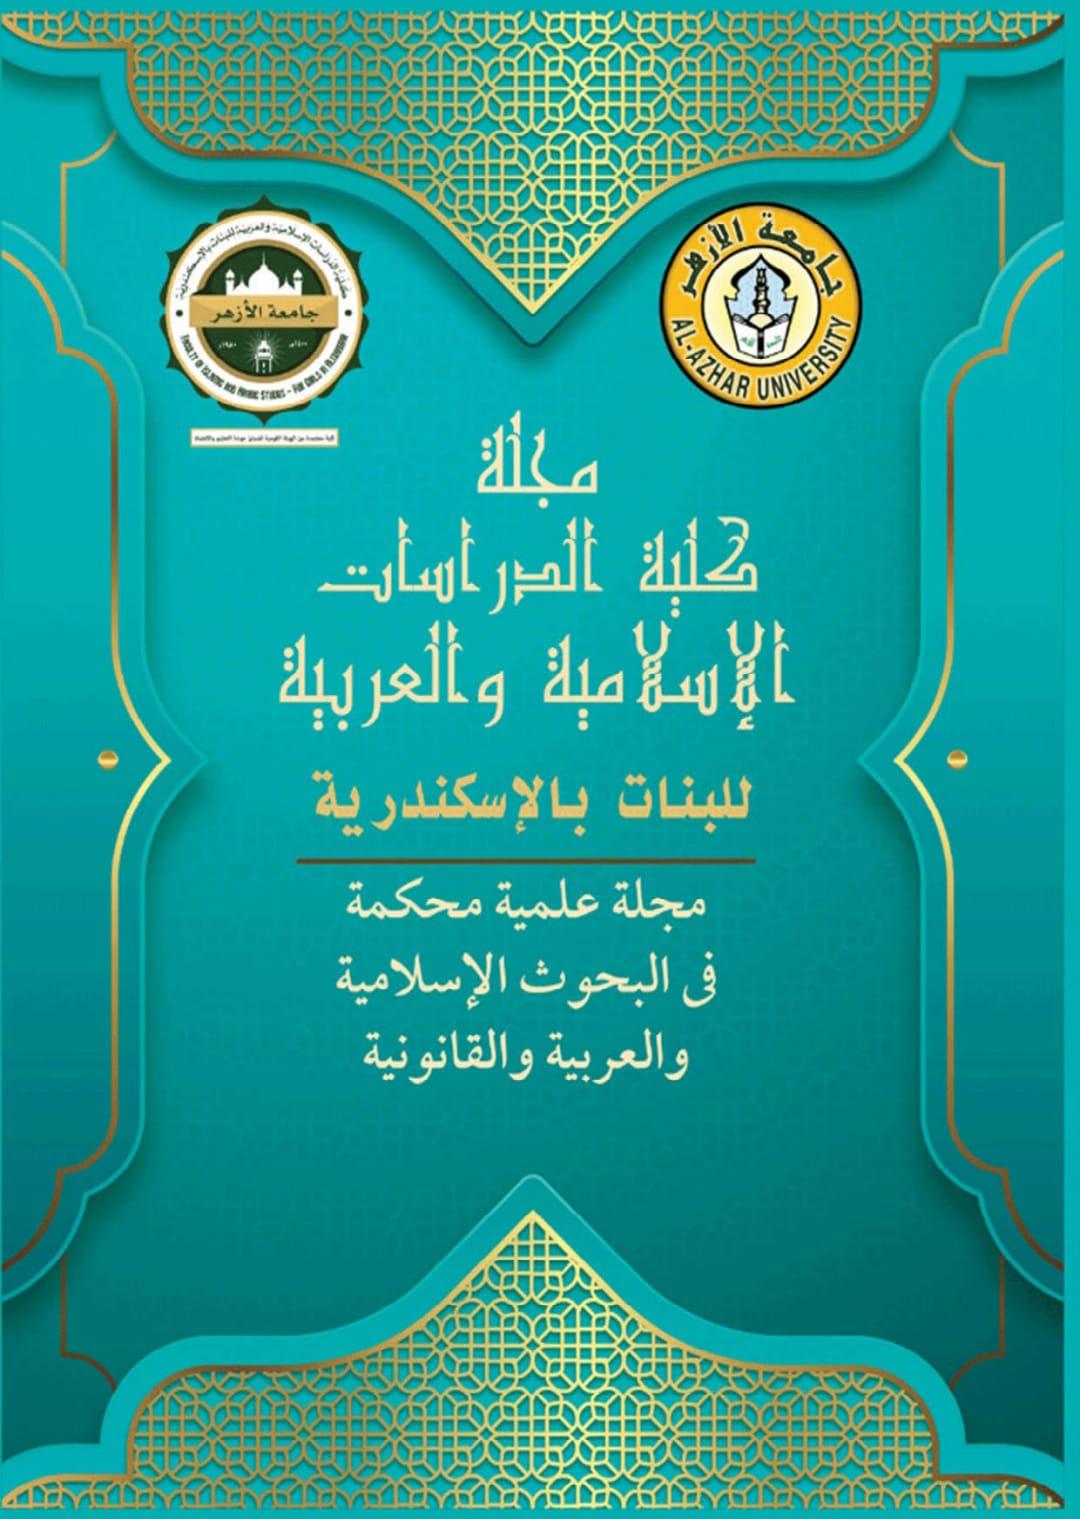 حولیة کلیة الدراسات الإسلامیة والعربیة للبنات بالإسکندریة